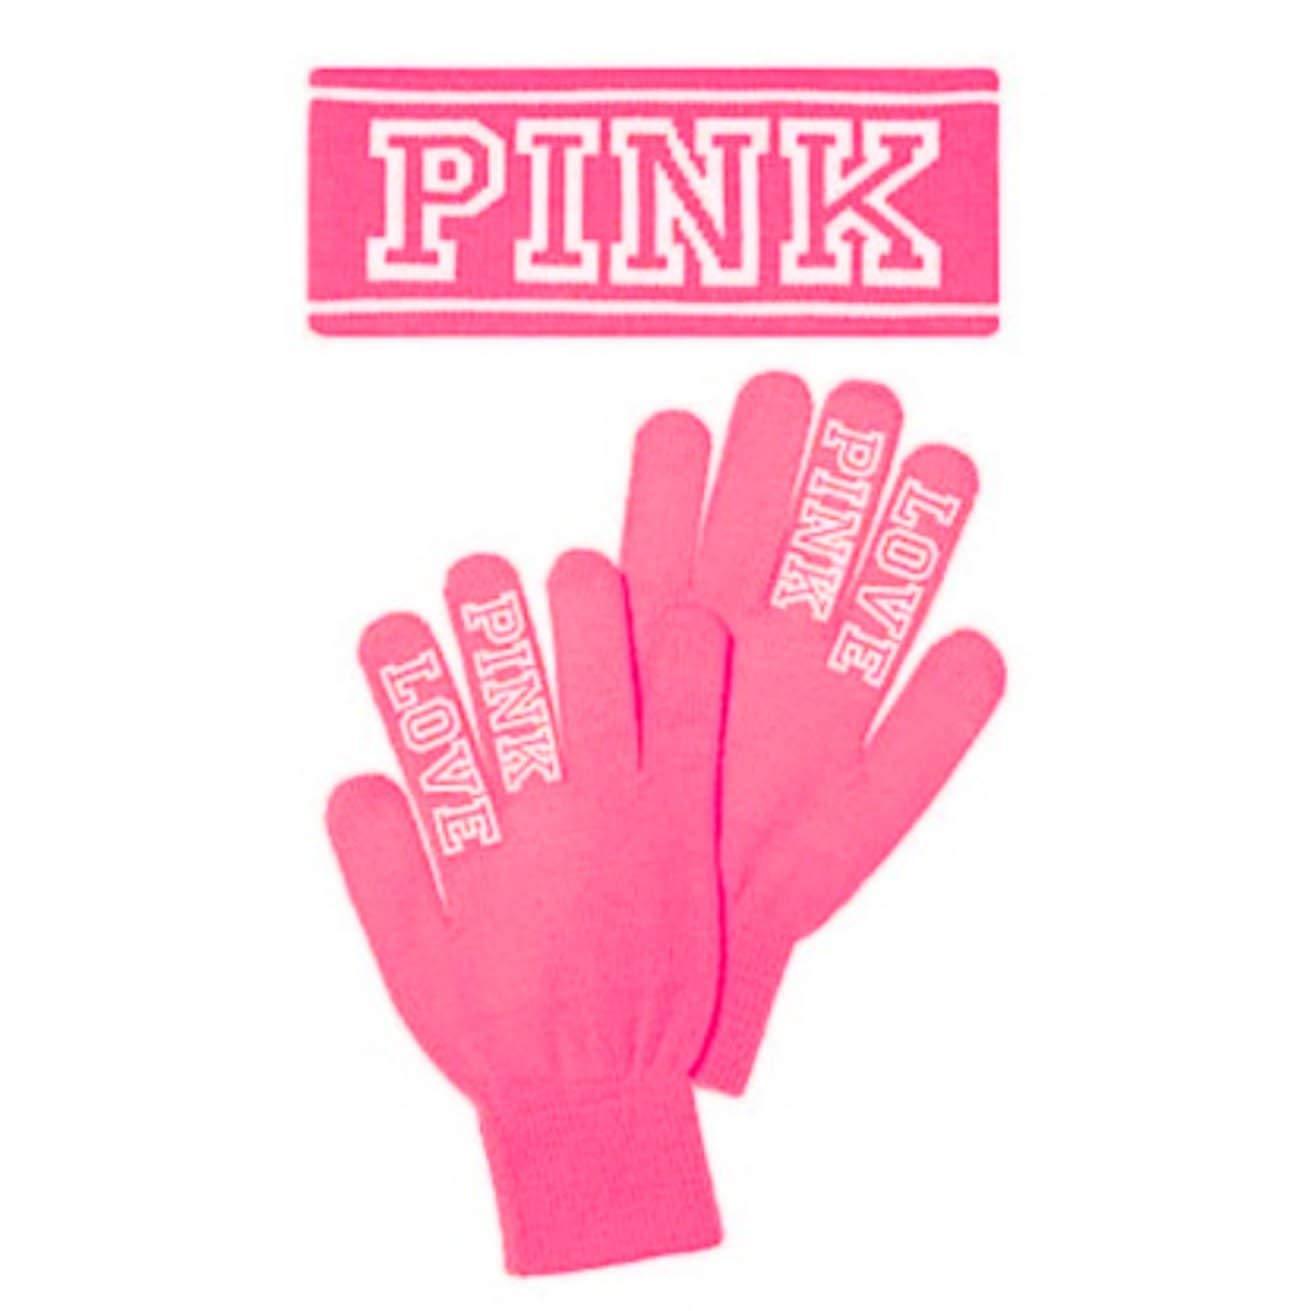 New! Victoria's Secret Pink Knit Headband & Gloves Set - Neon Pink NWT by Victoria's Secret